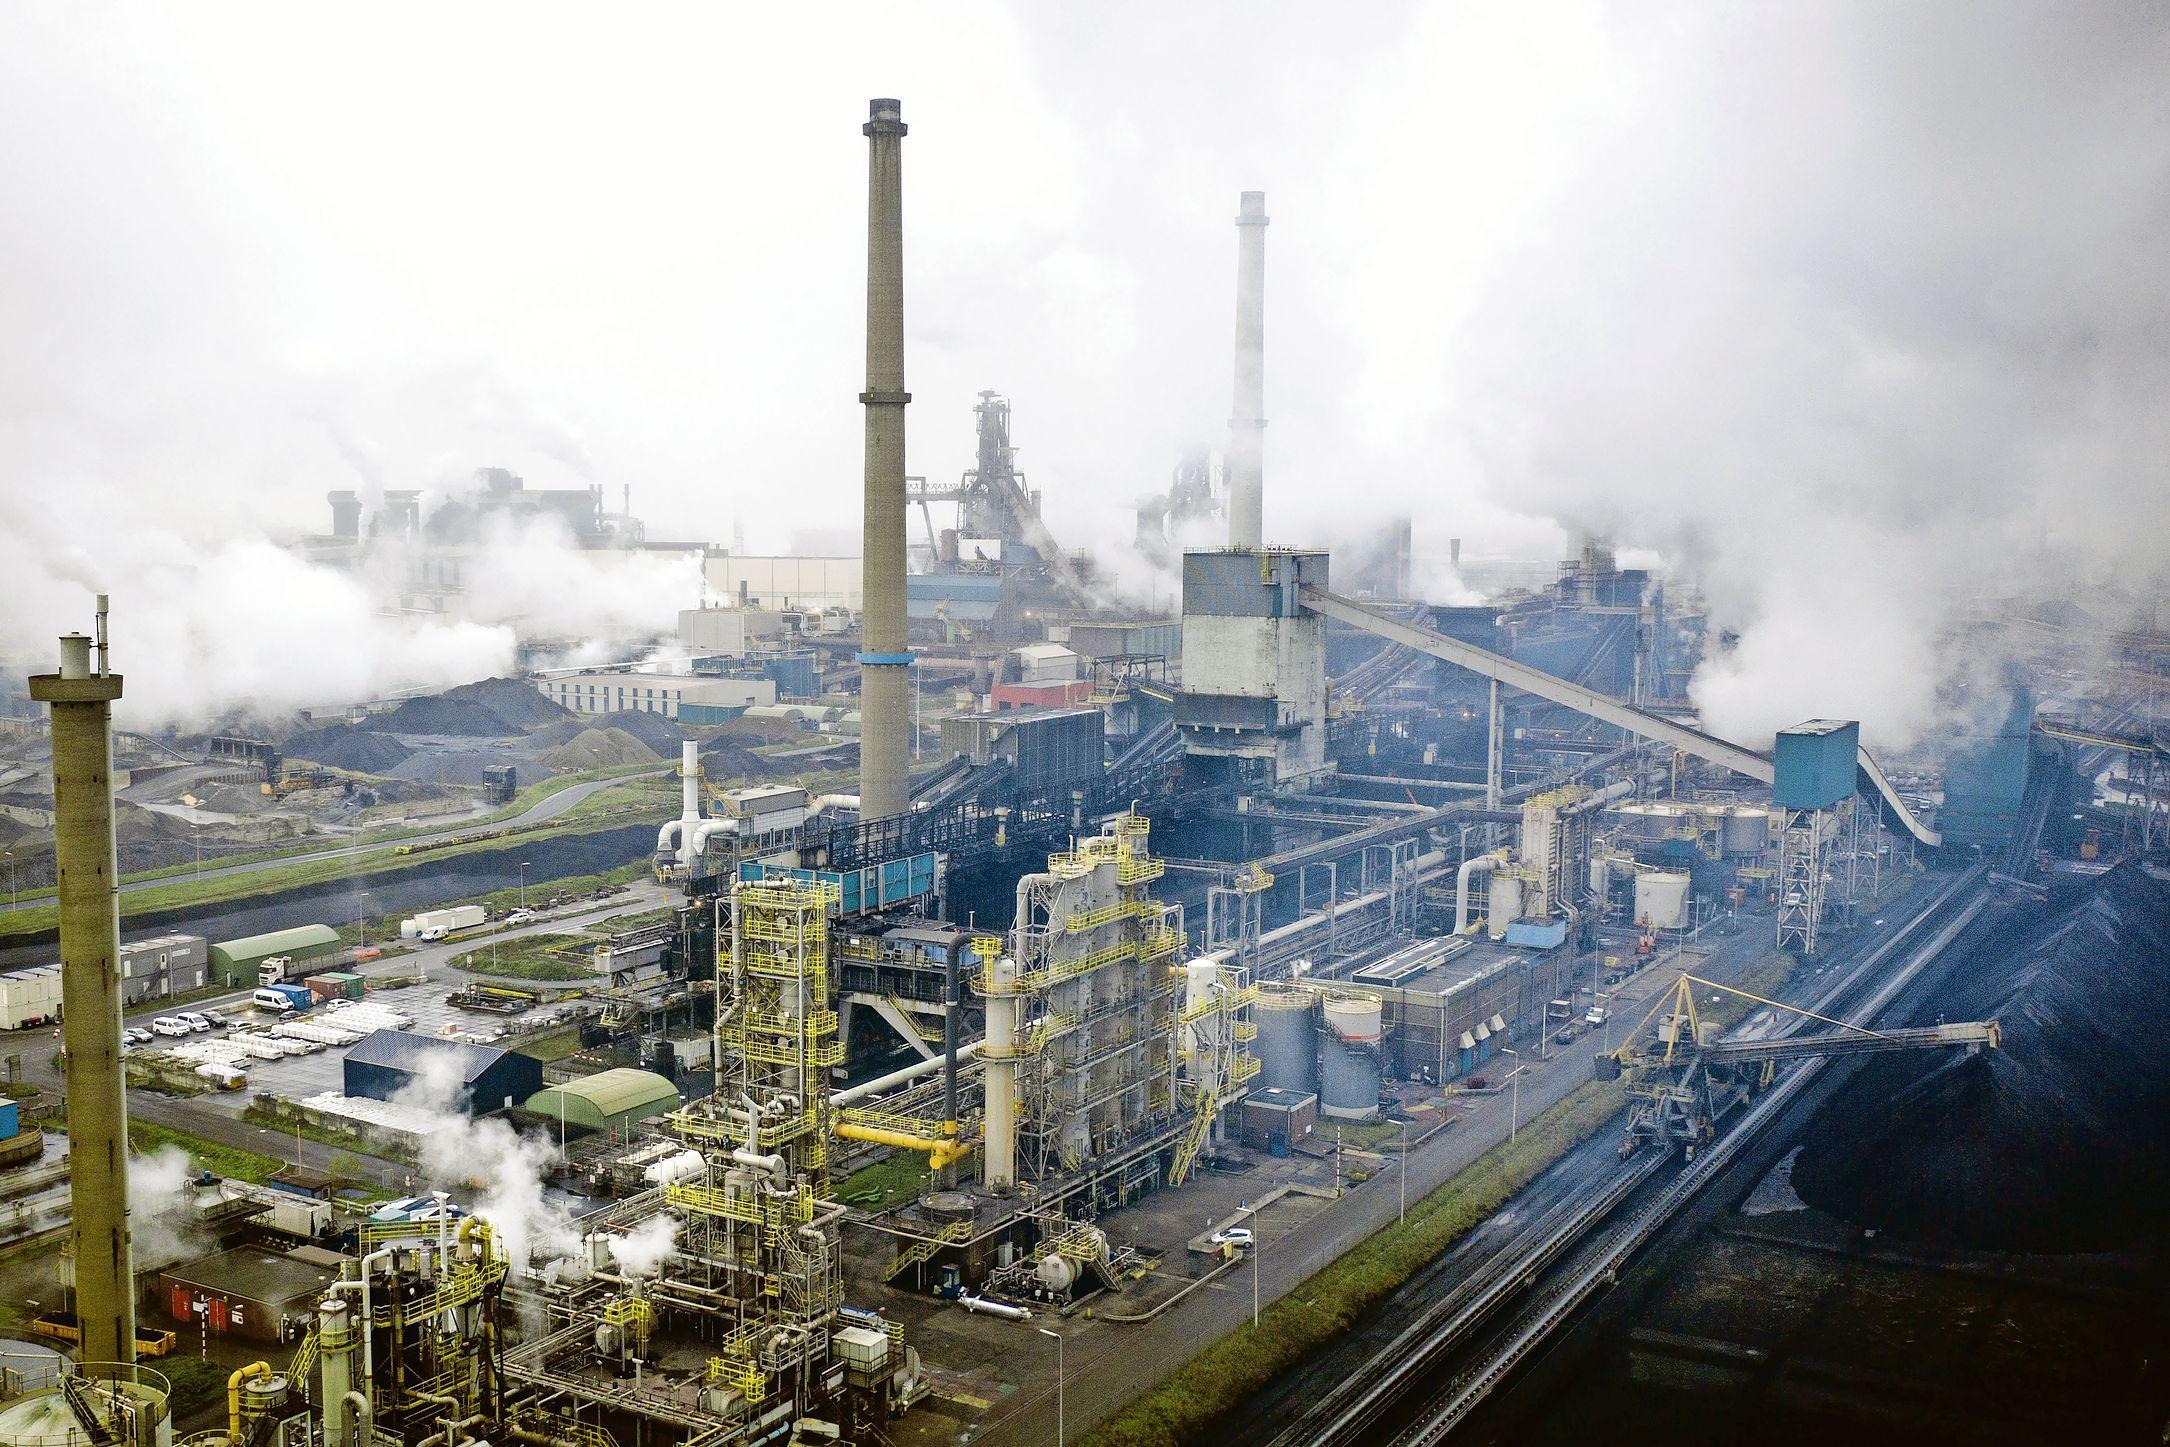 De lucht in de IJmond moet nu écht schoner. Beverwijk, Velsen, Heemskerk en provincie komen met een actieplan